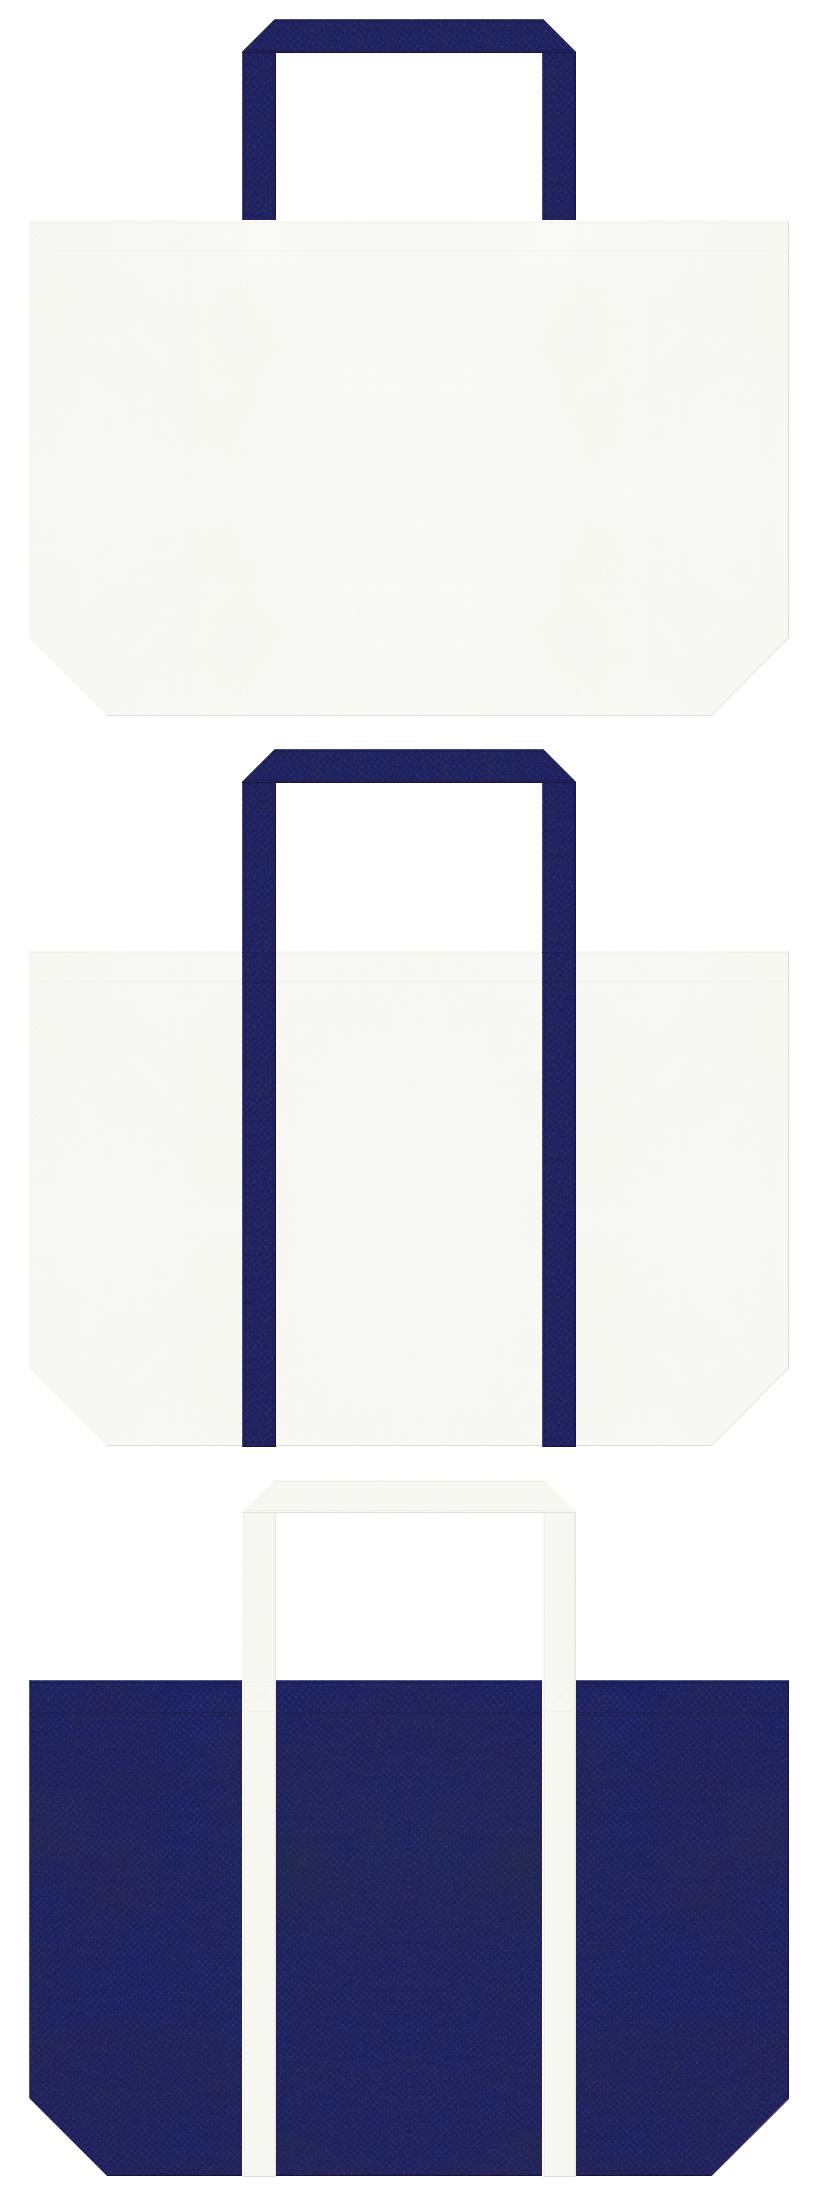 水産・船舶・学校・オープンキャンパス・学習塾・レッスンバッグ・マリンルック・水族館・クルージング・天体観測・プラネタリウム・太陽光パネル・太陽光発電の展示会用バッグにお奨めの不織布バッグデザイン:オフホワイト色と明るい紺色のコーデ